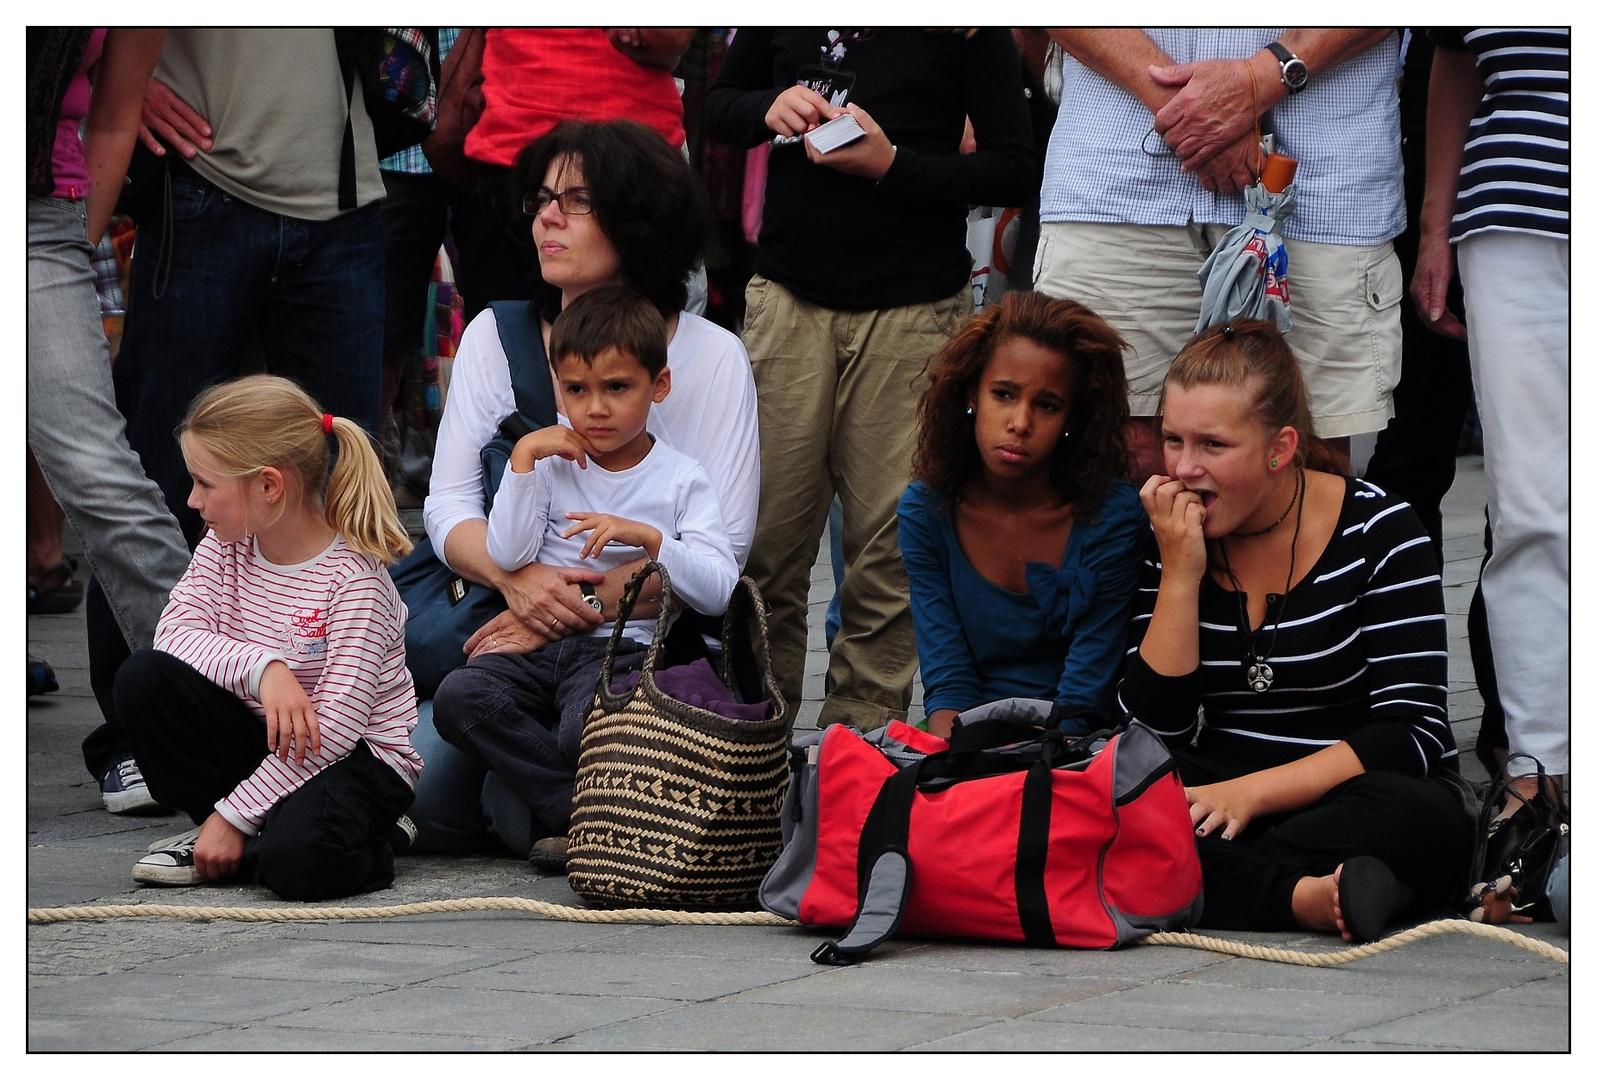 Pflasterspektakel - Linz 2012 (9)